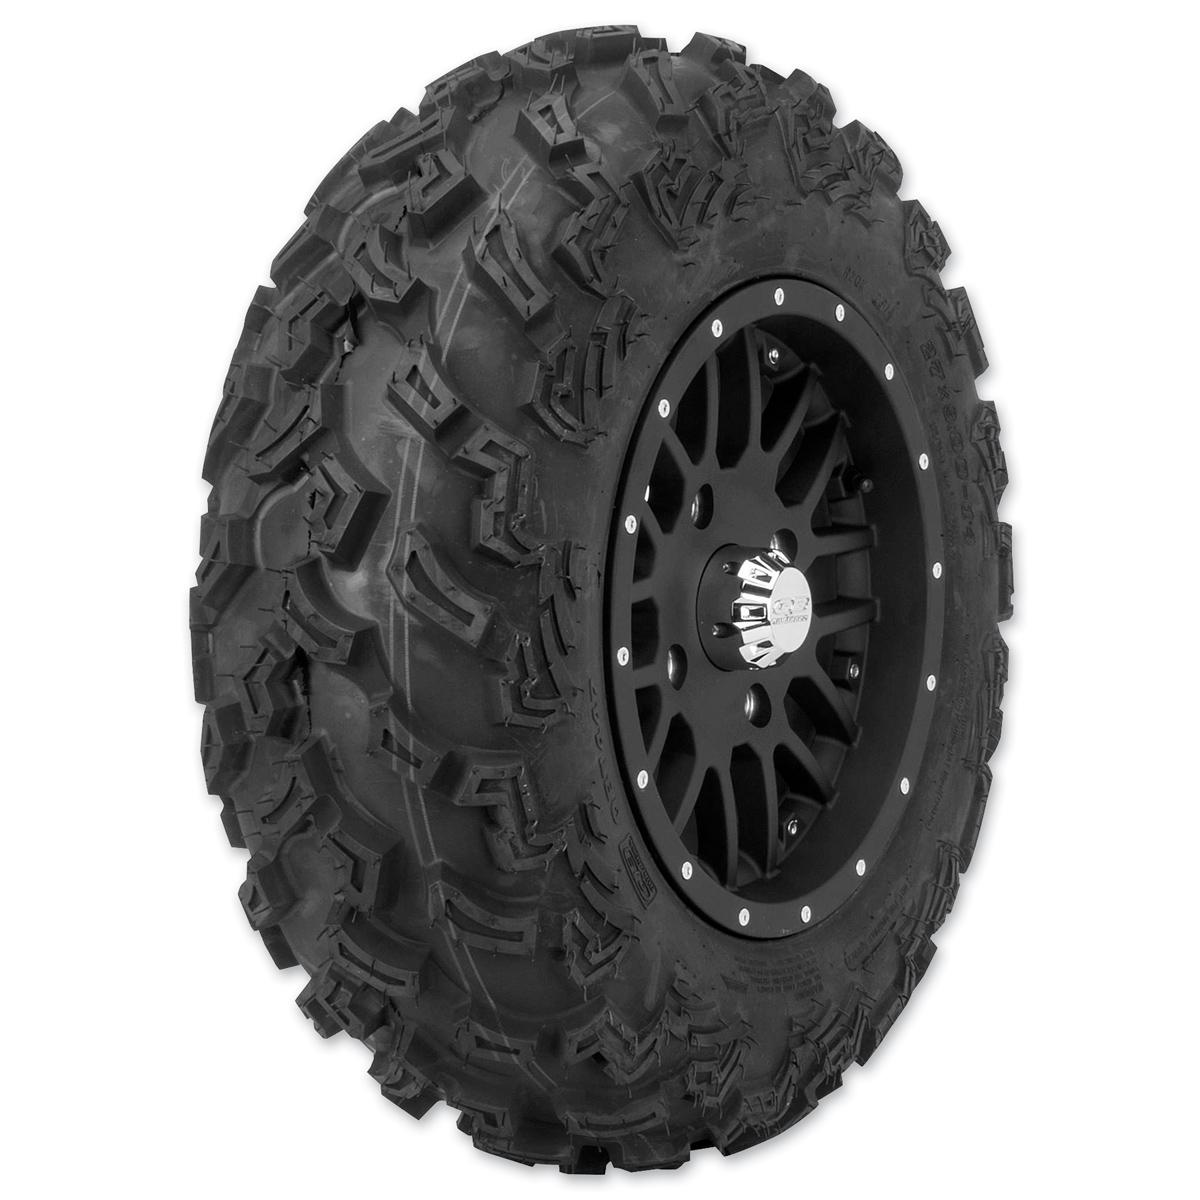 Quadboss QBT447 27X9-12 6-Ply Front Tire